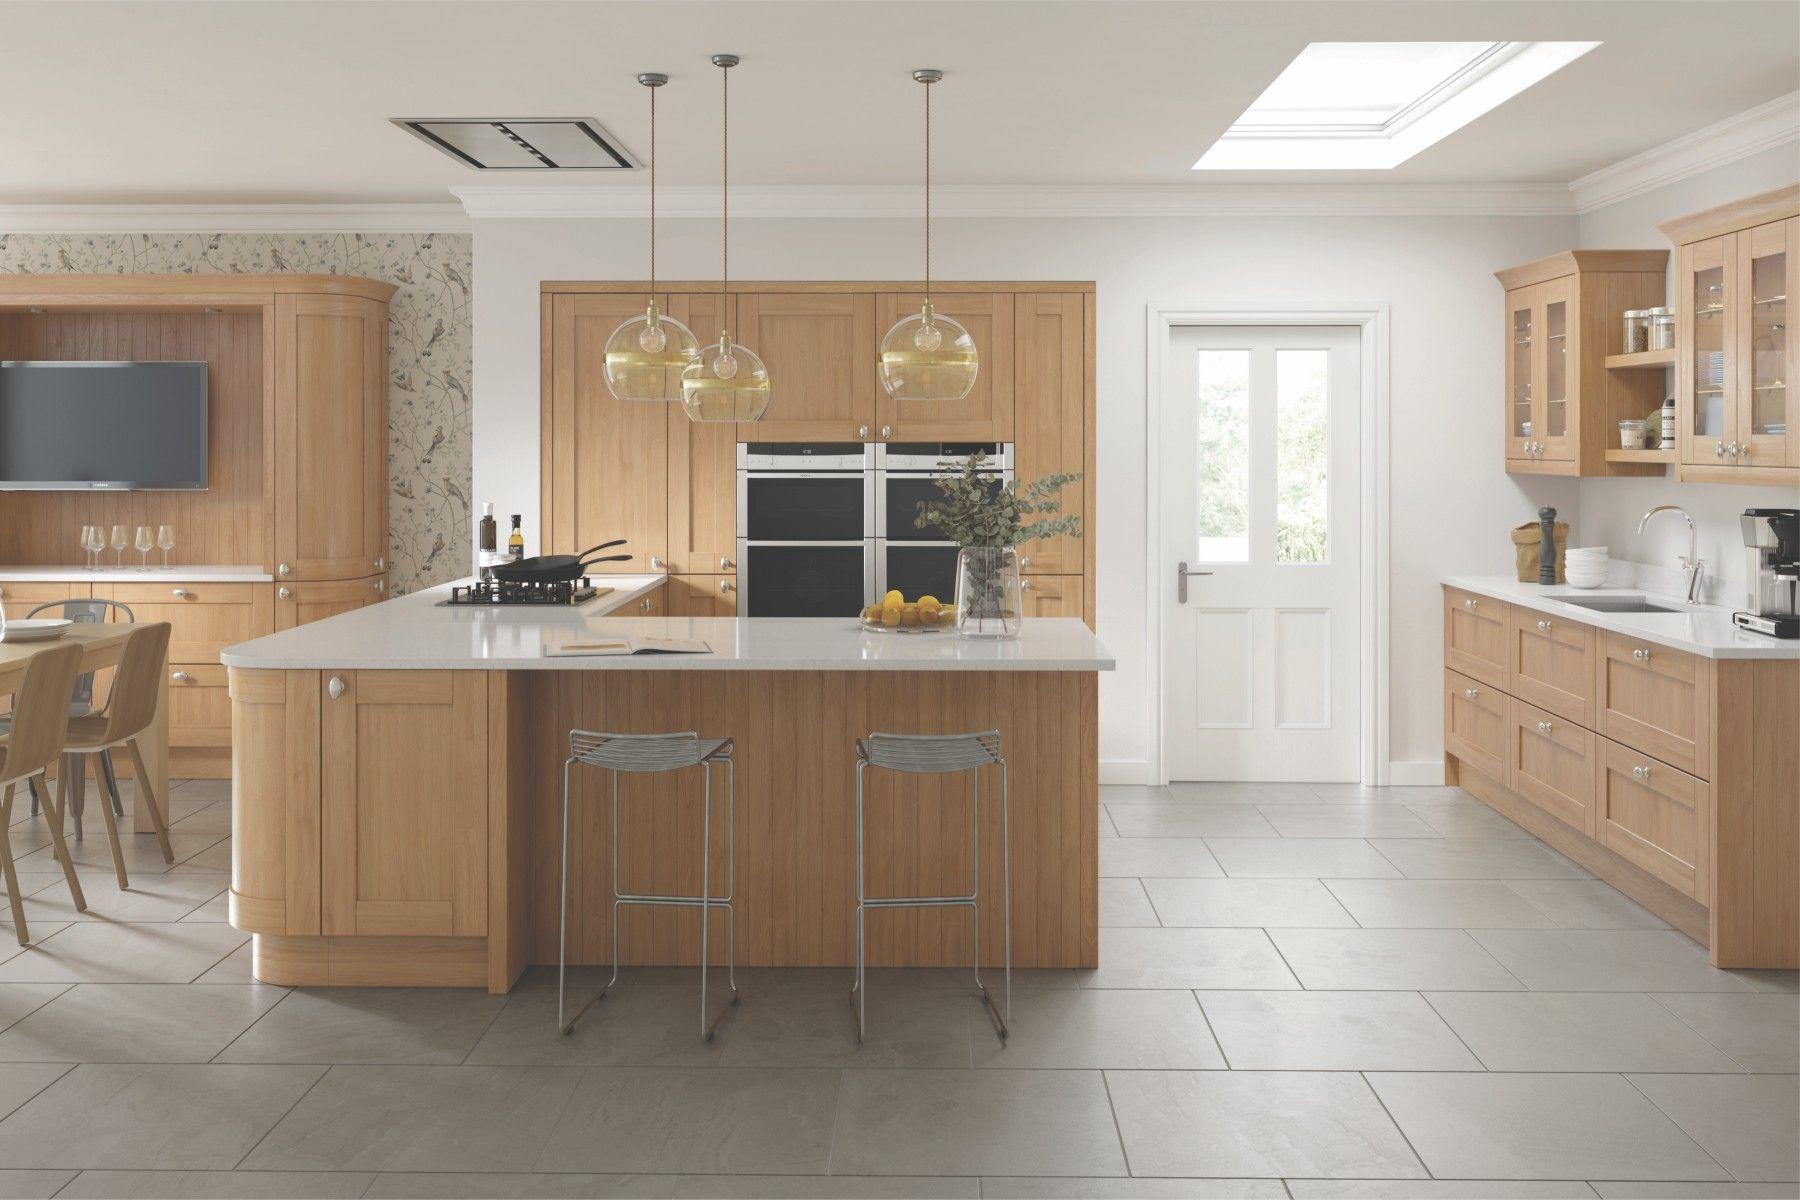 Image result for oak kitchen for sale in allestree